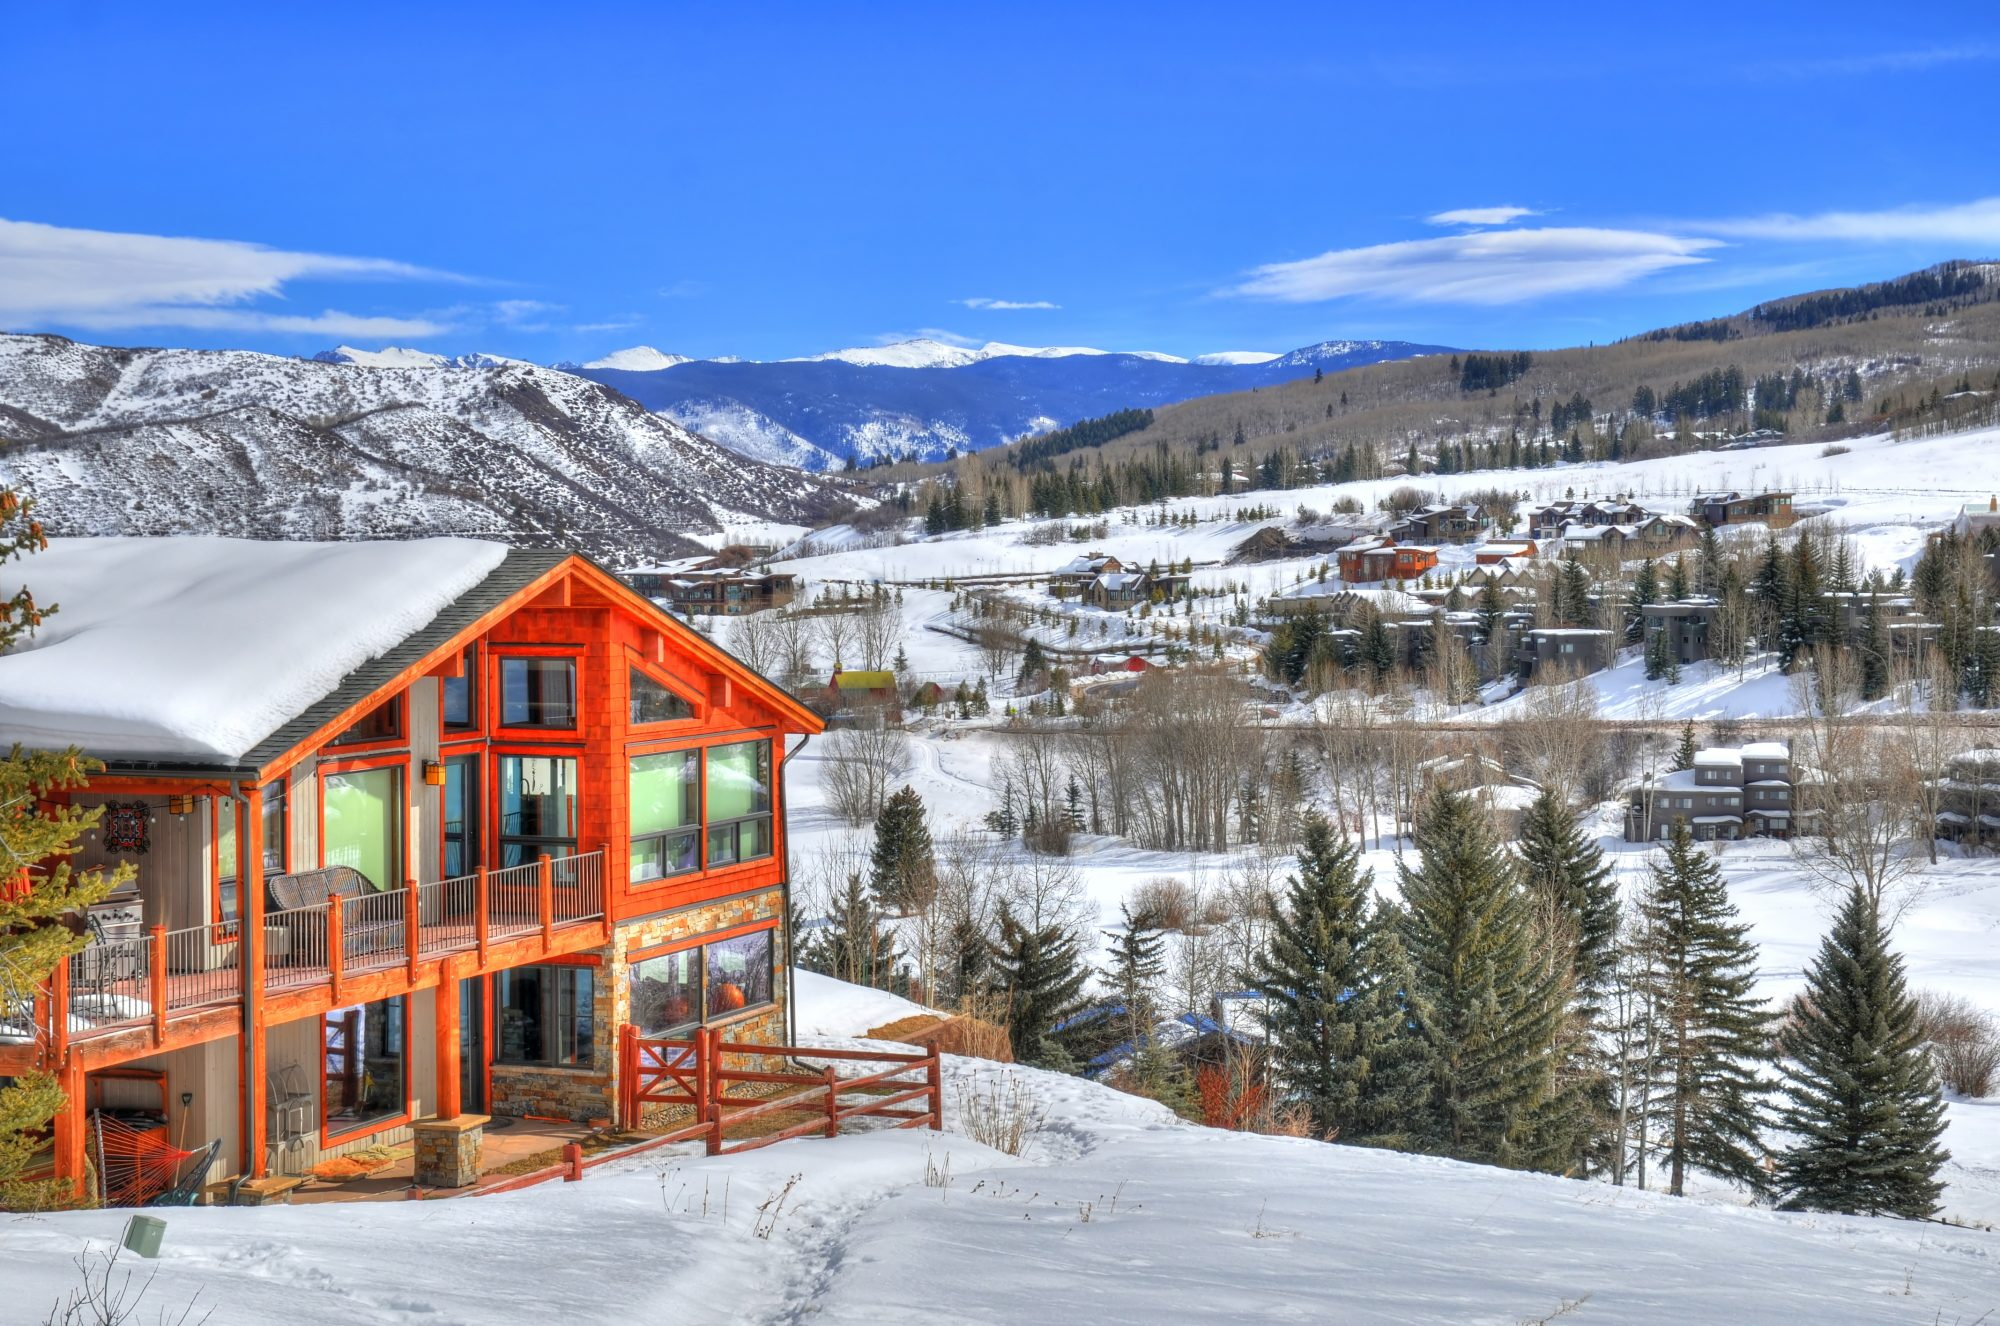 denver ski lodge in snow